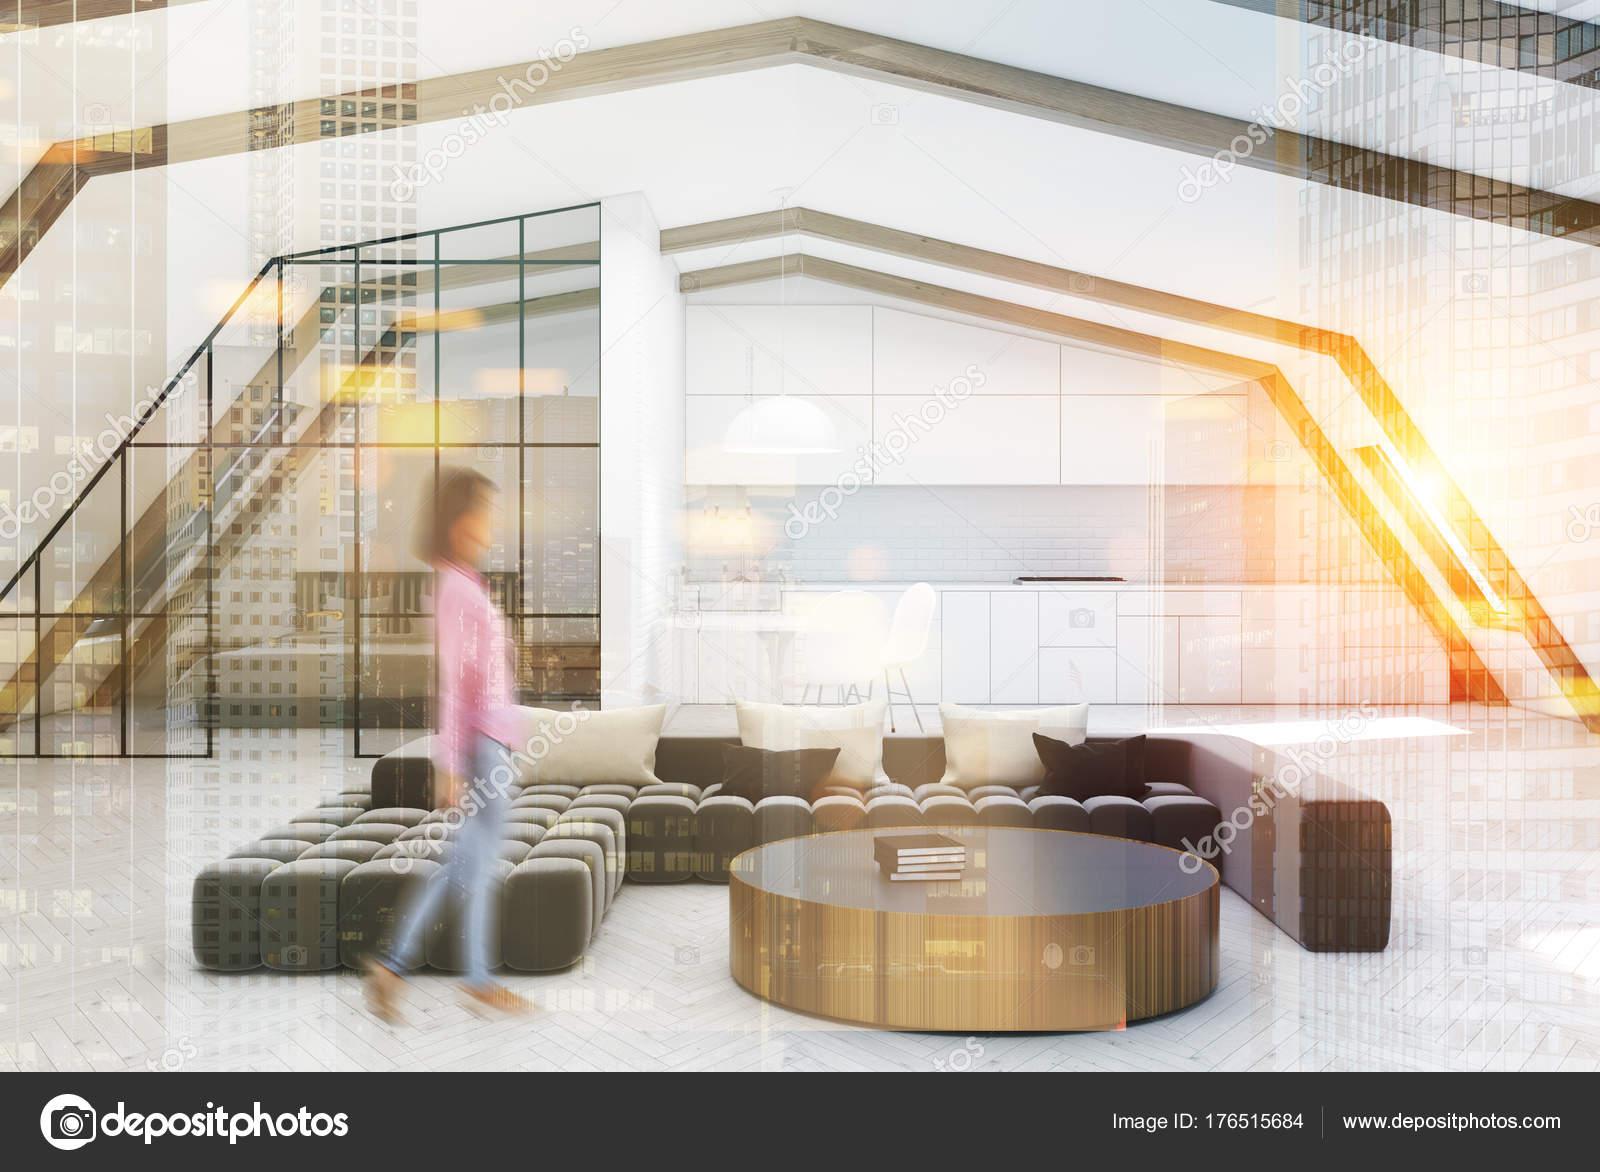 Doppeltr wohnzimmer elegant places of style ecksofa dive mit hocker ohne rckenlehne doppelte - Wohnzimmer pflanze groay ...